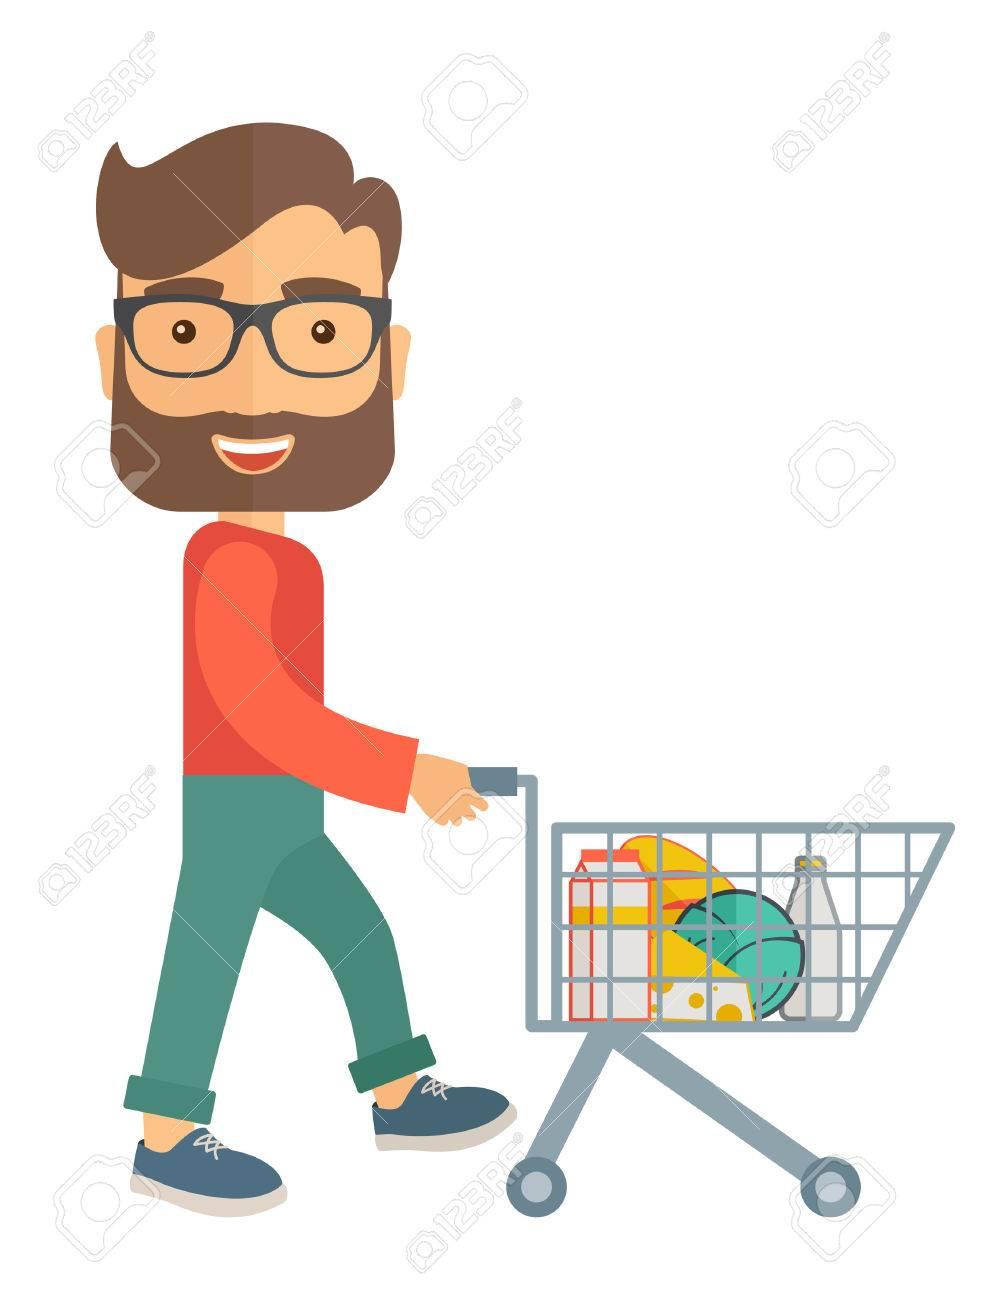 Un acheteur mâle poussant un panier à l'intérieur du supermarché. Un style contemporain. Vector design plat illustration sur fond blanc isolé. Présentation verticale. Banque d'images - 39691878